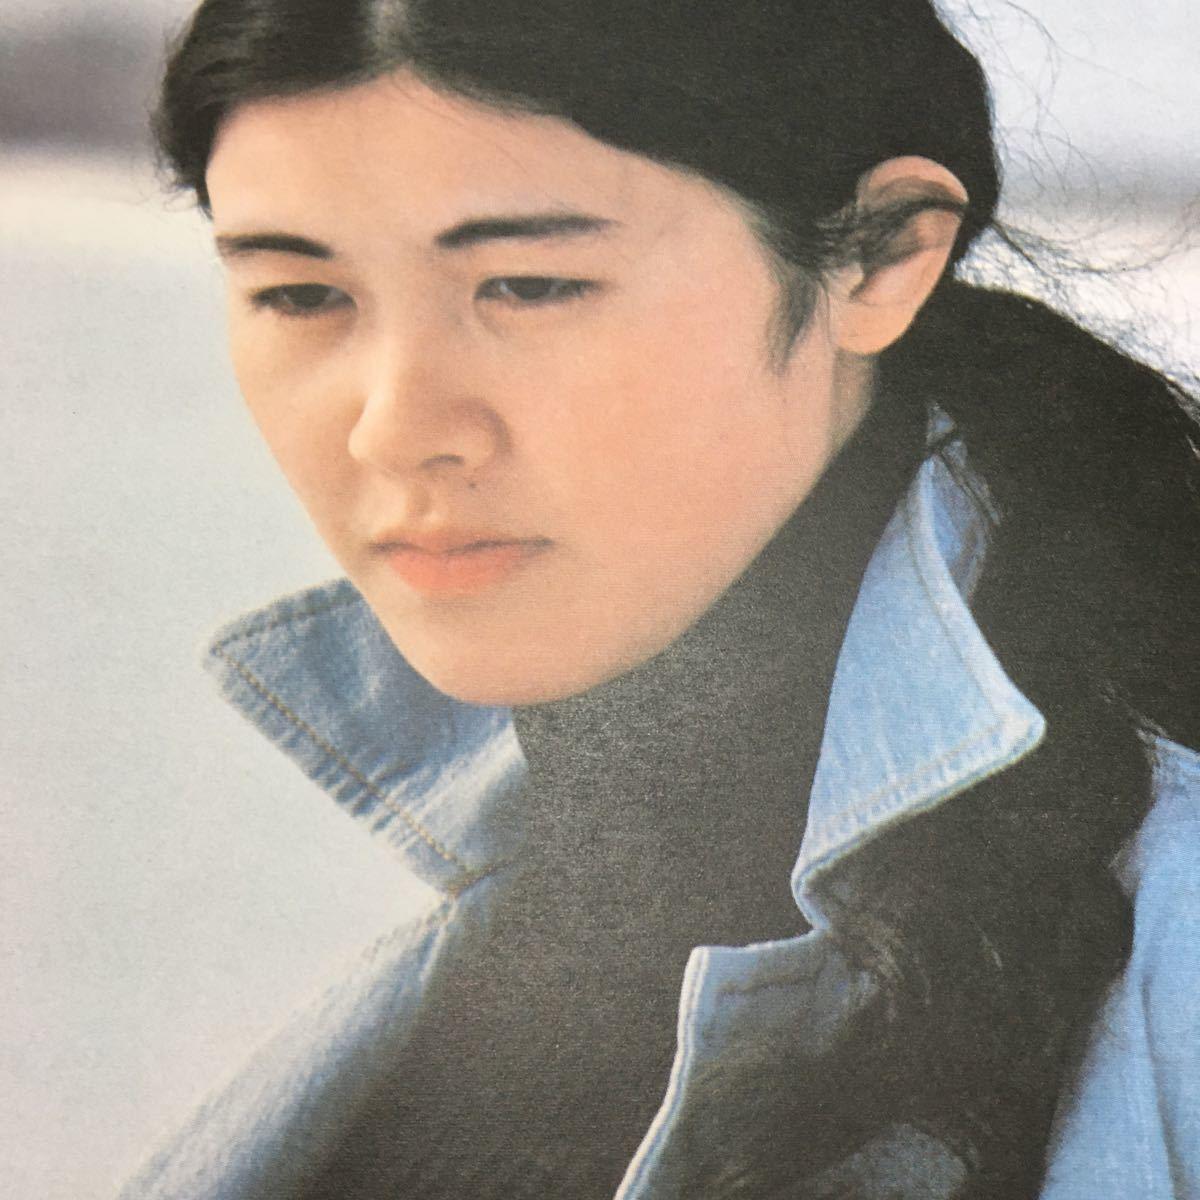 【中島みゆき・私の声が聞こえますか】ファーストアルバム LP レコード 時代 アザミ嬢のララバイ  1976年 YAMAHA【20/02 J2】_画像5